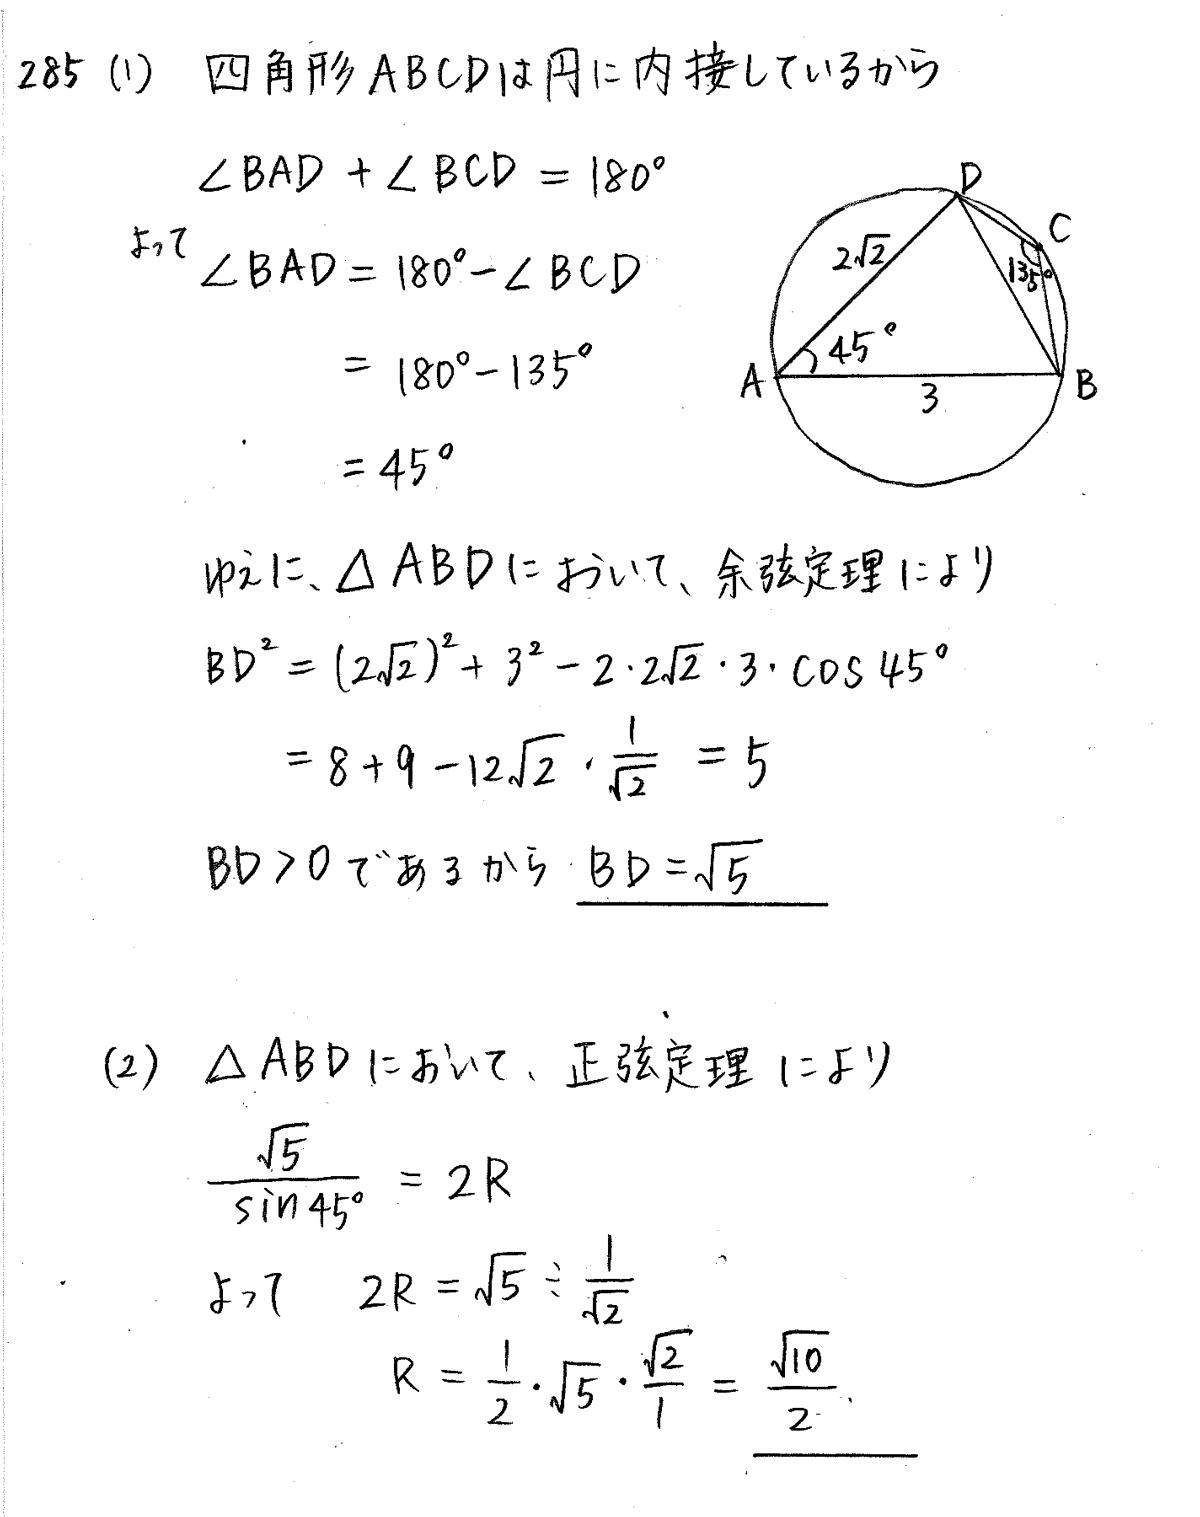 クリアー数学1-285解答